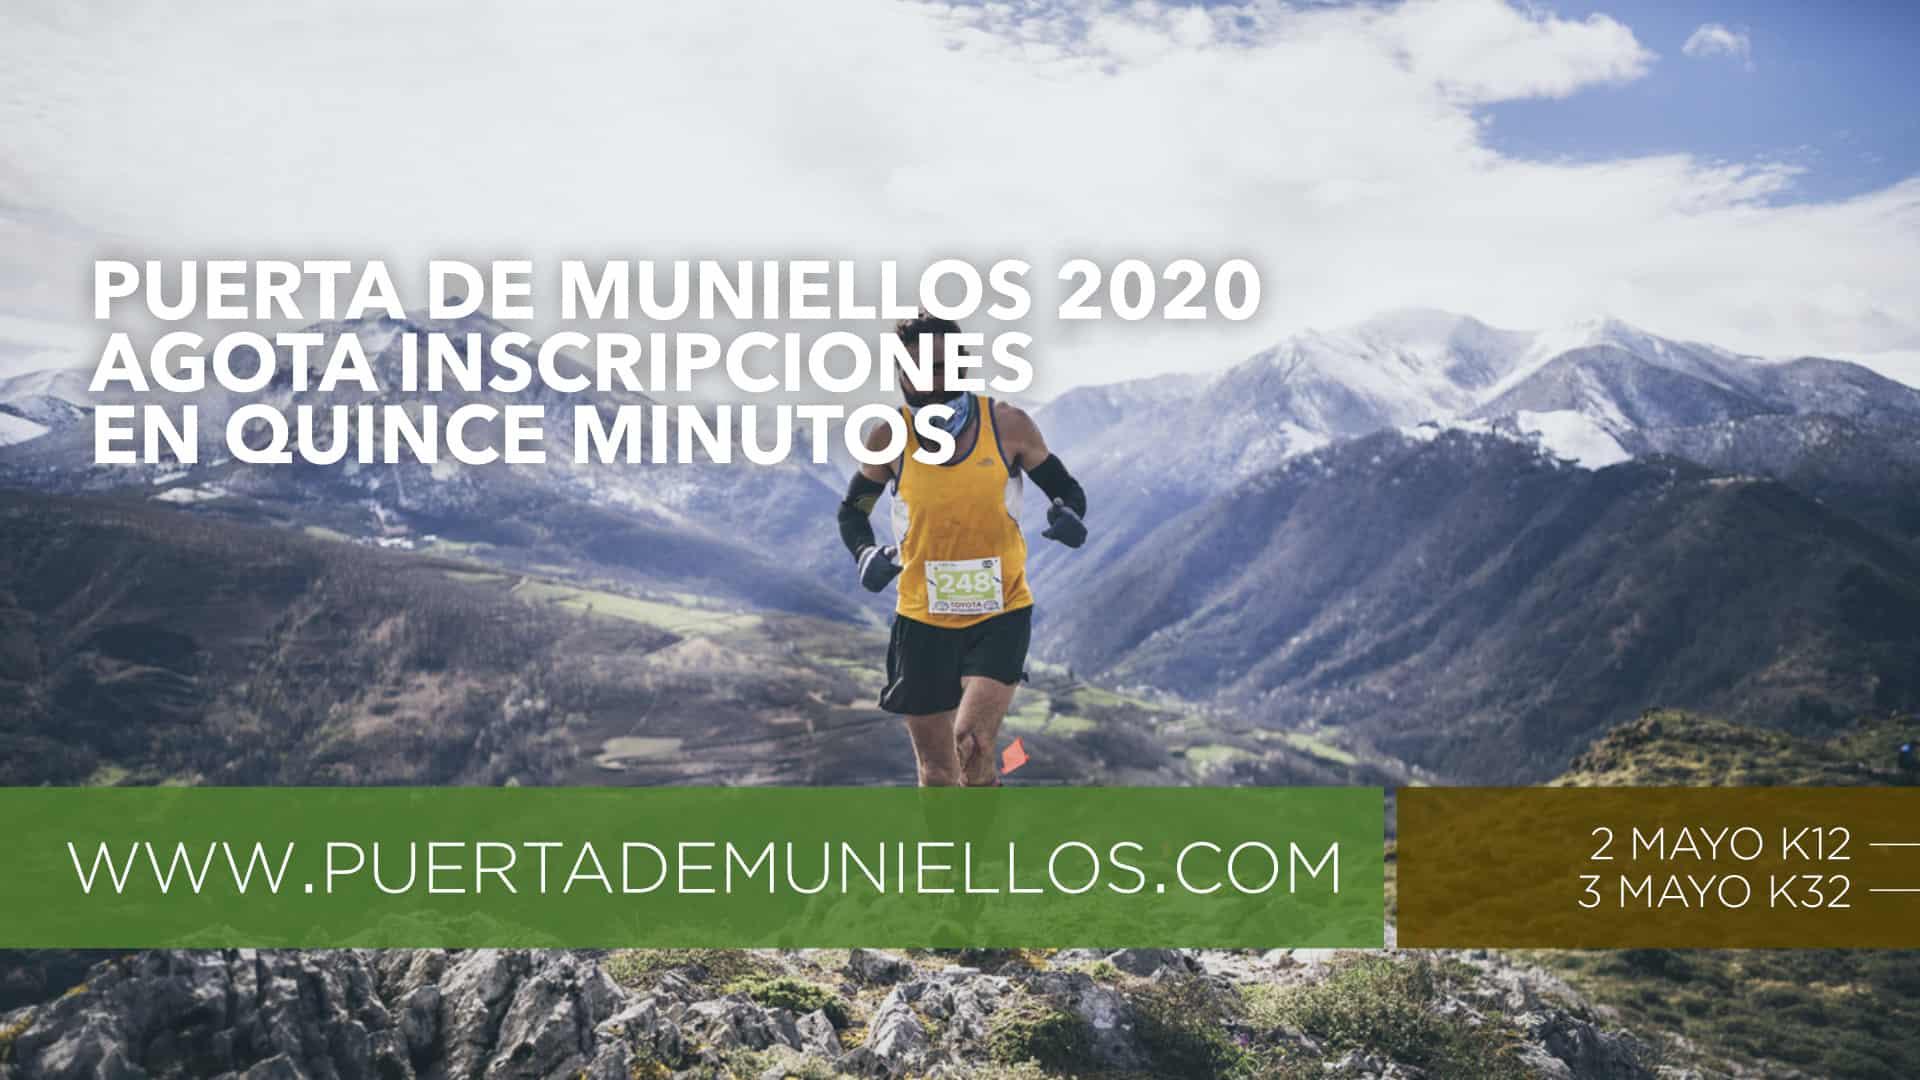 Puerta de Muniellos 2020 Inscripciones Agotadas